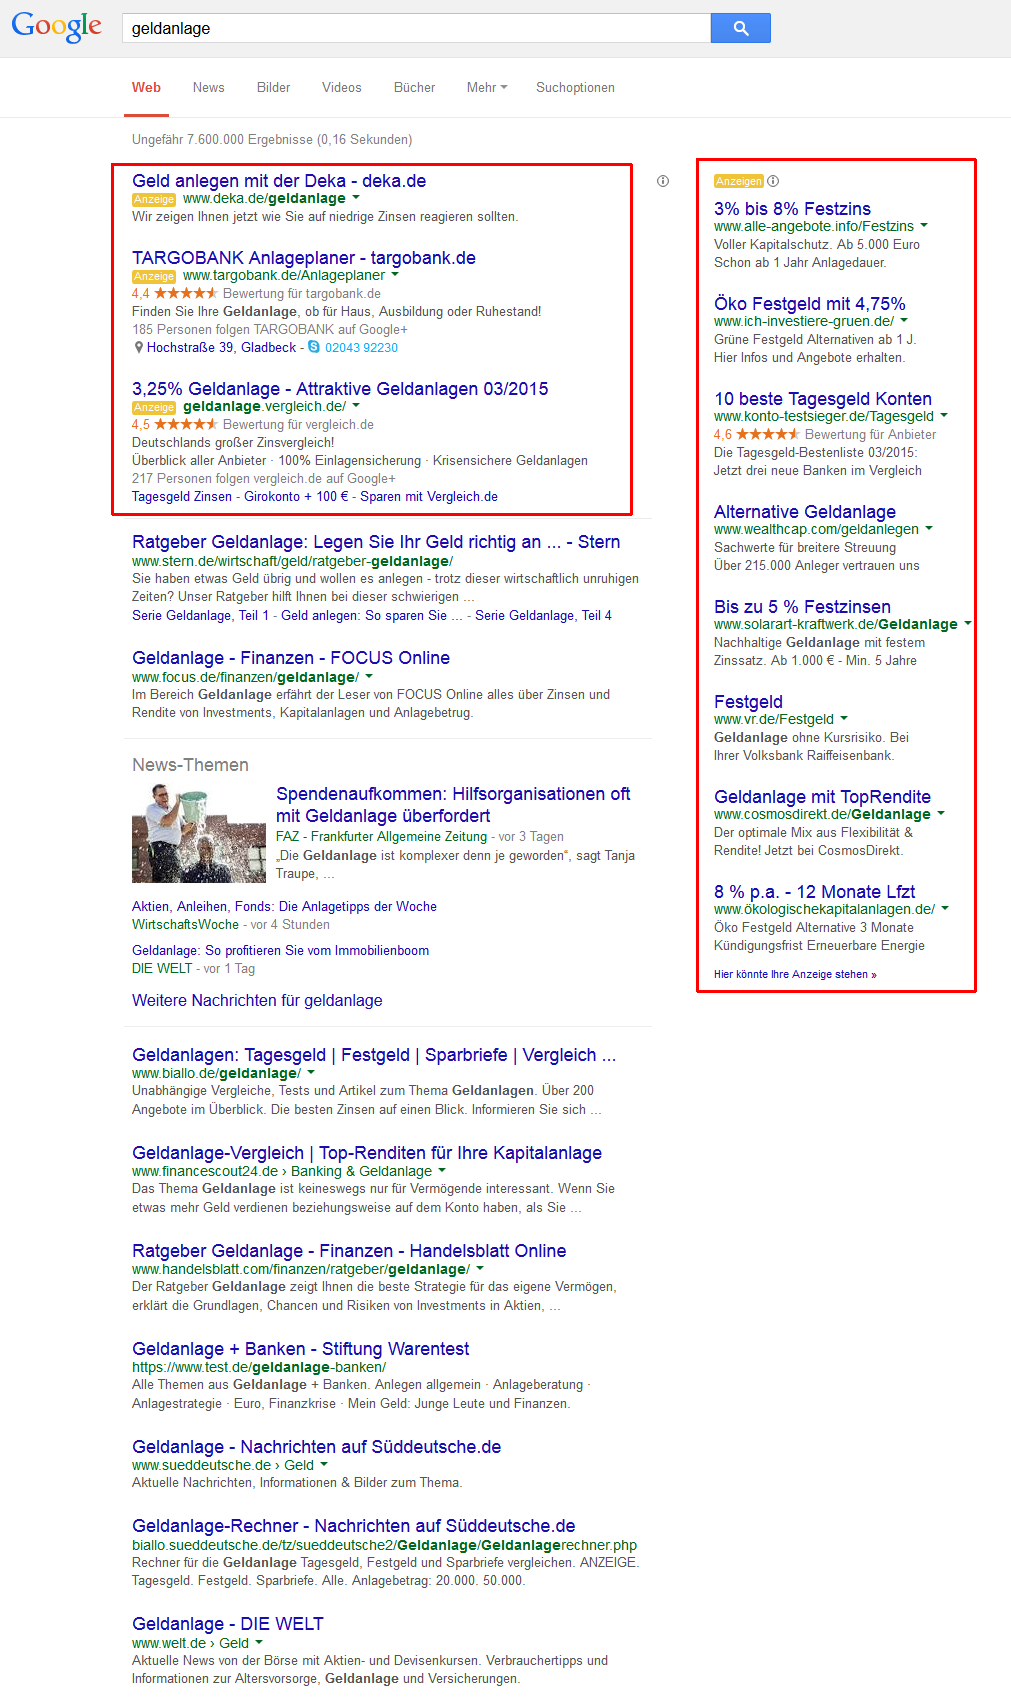 """Screenshot: Google Suche """"Geldanlage"""""""